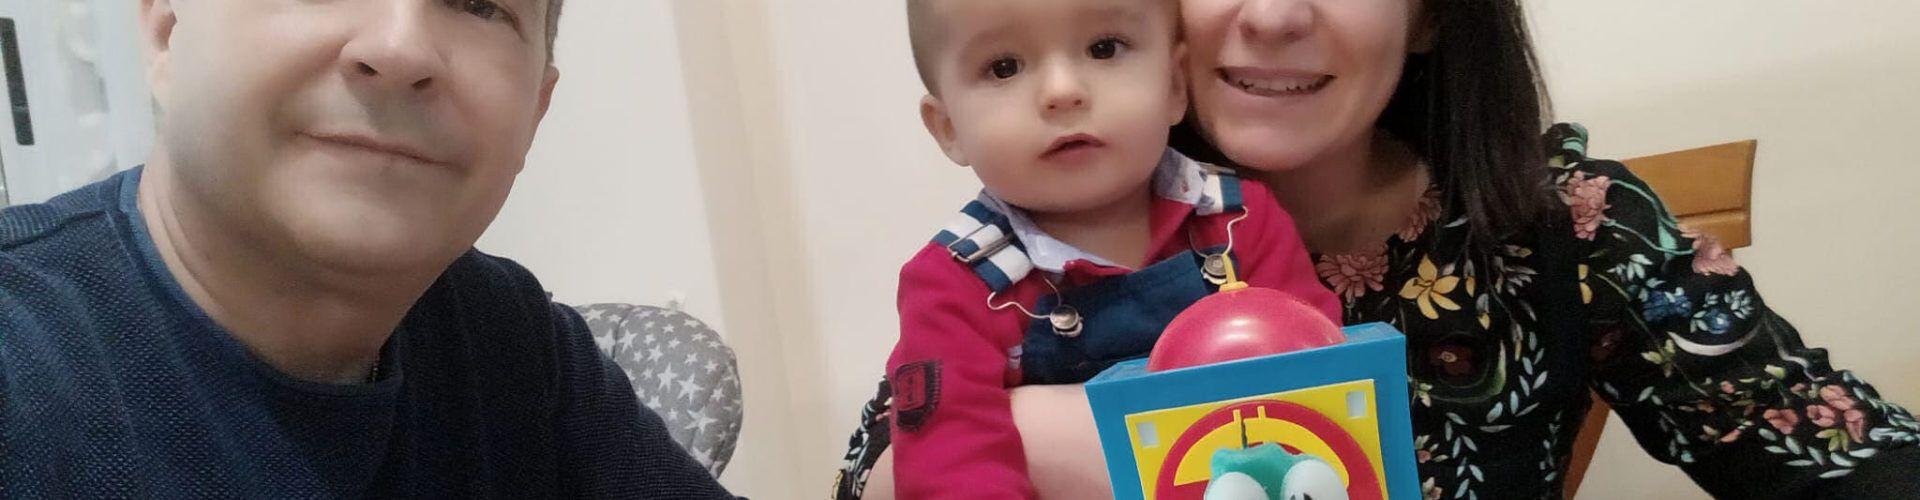 """Gestación subrogada: el parón judicial por el coronavirus deja """"en el aire"""" la adopción"""